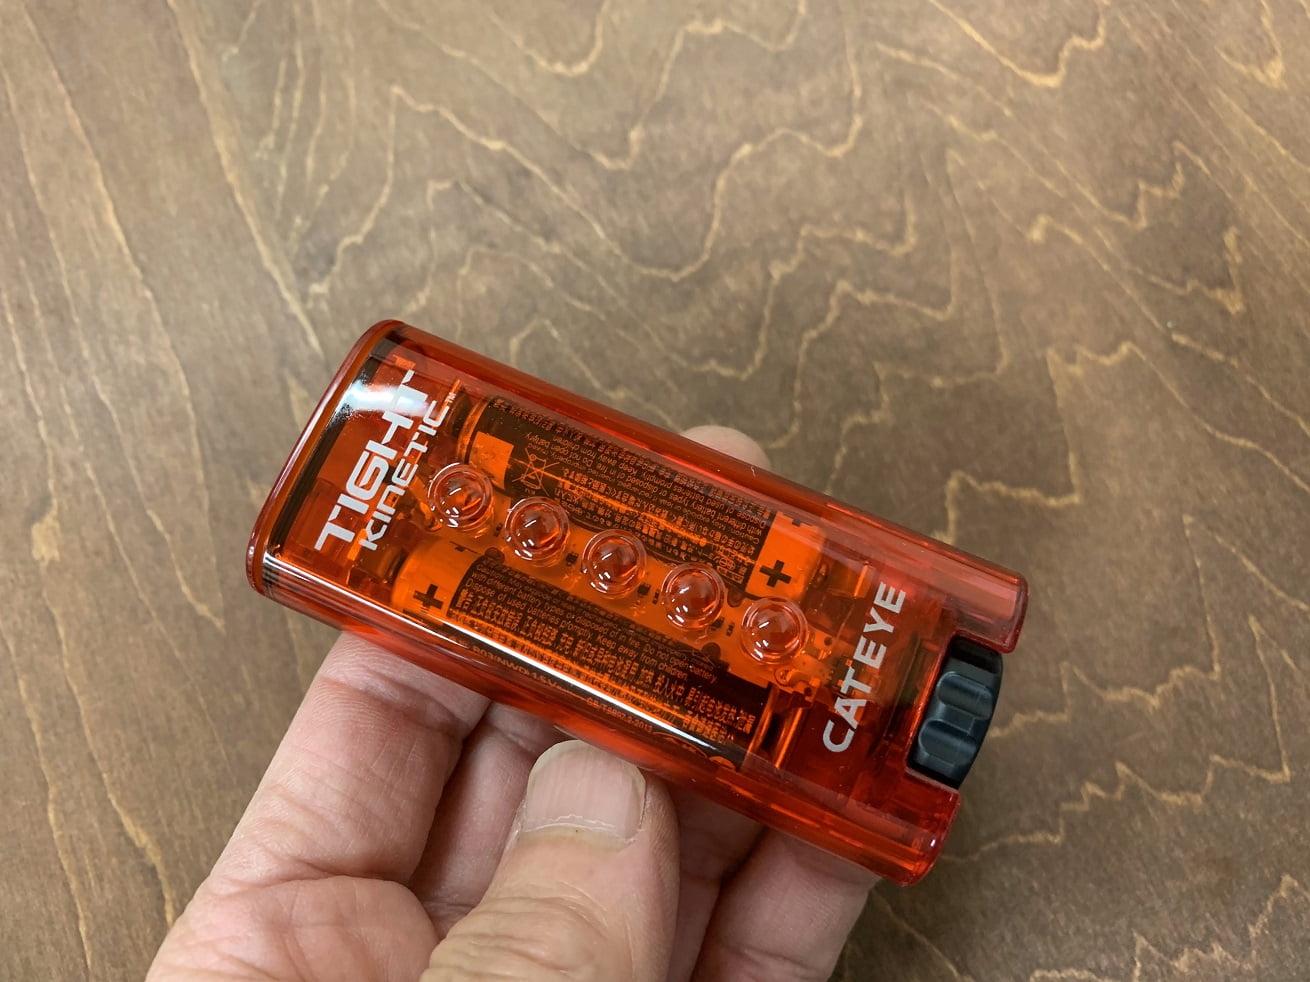 ボディーに電池を入れらた元に戻してダイヤルを締める